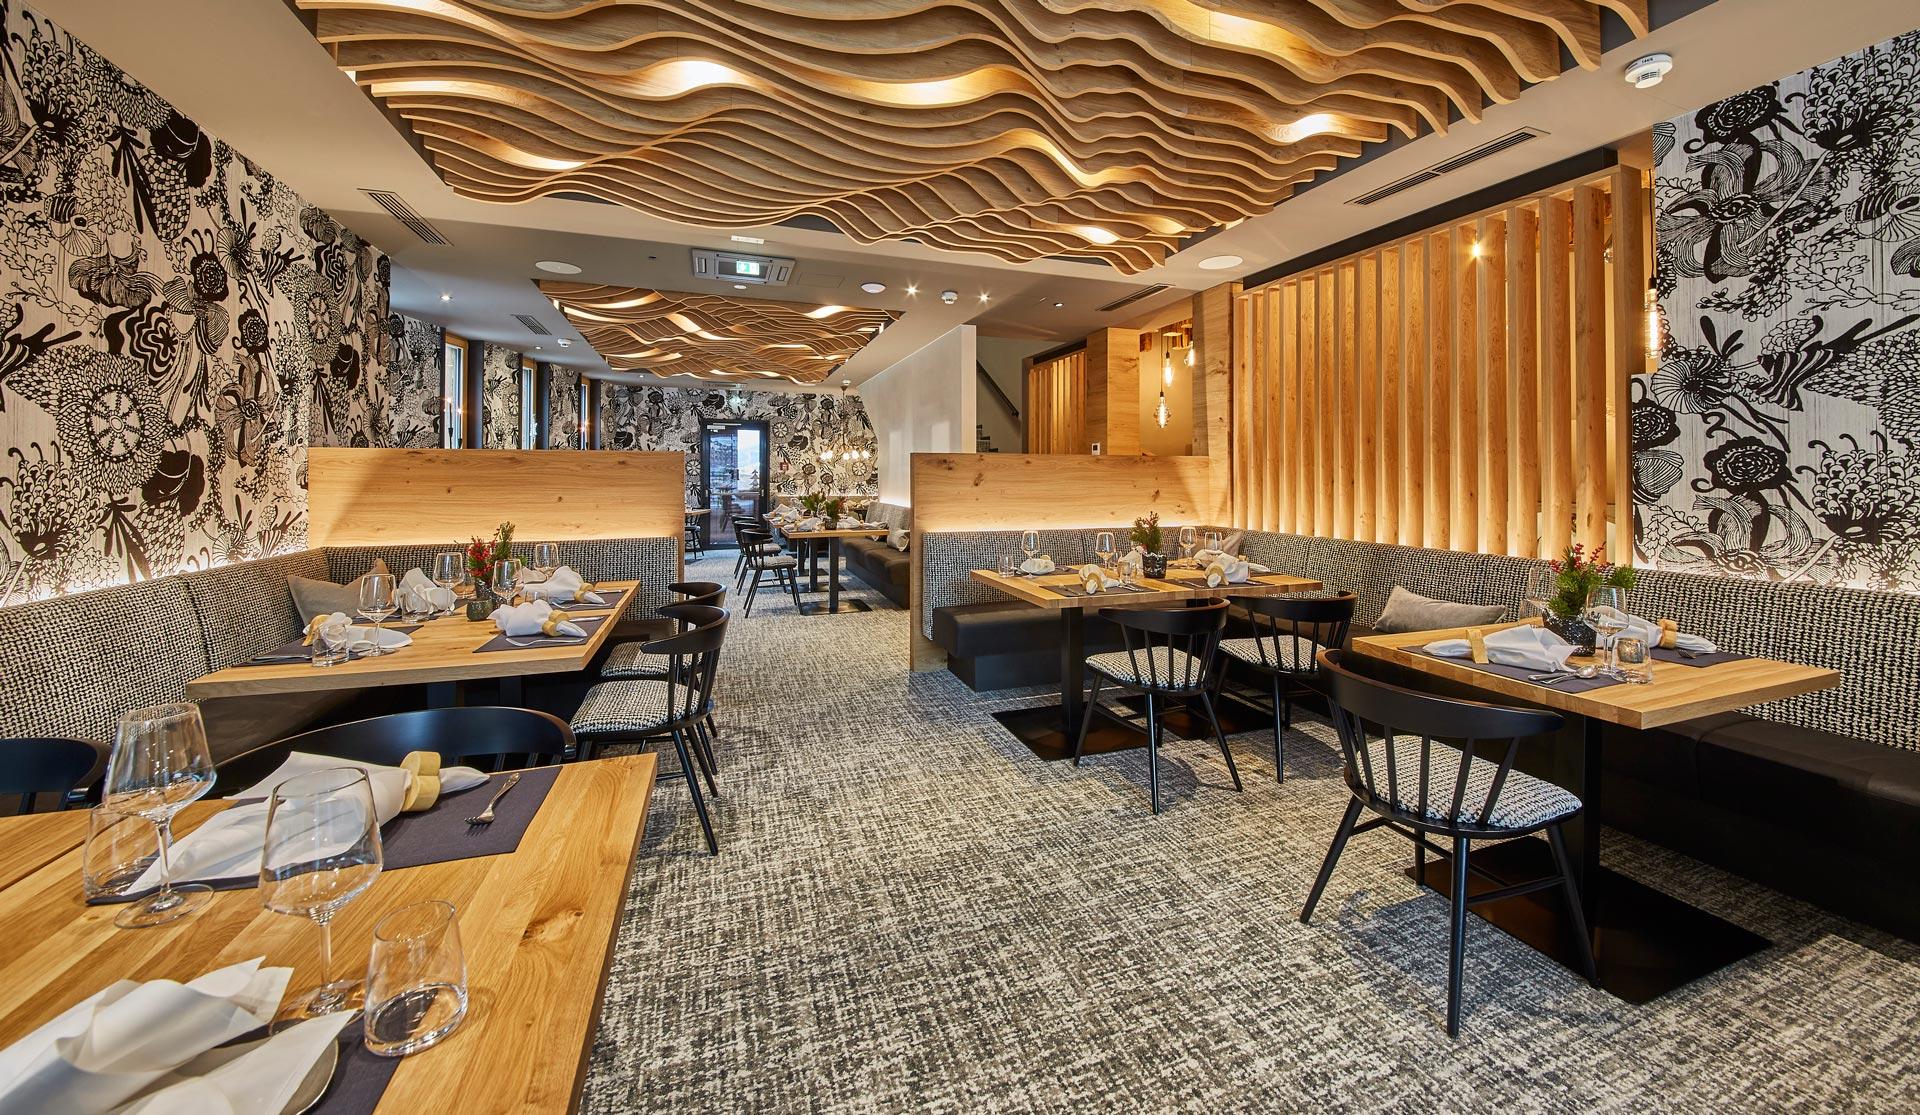 Speisesaal mit dekorativer Deckenverkleidung aus Holz und schwarz-weiß gemusterten Wandtapeten